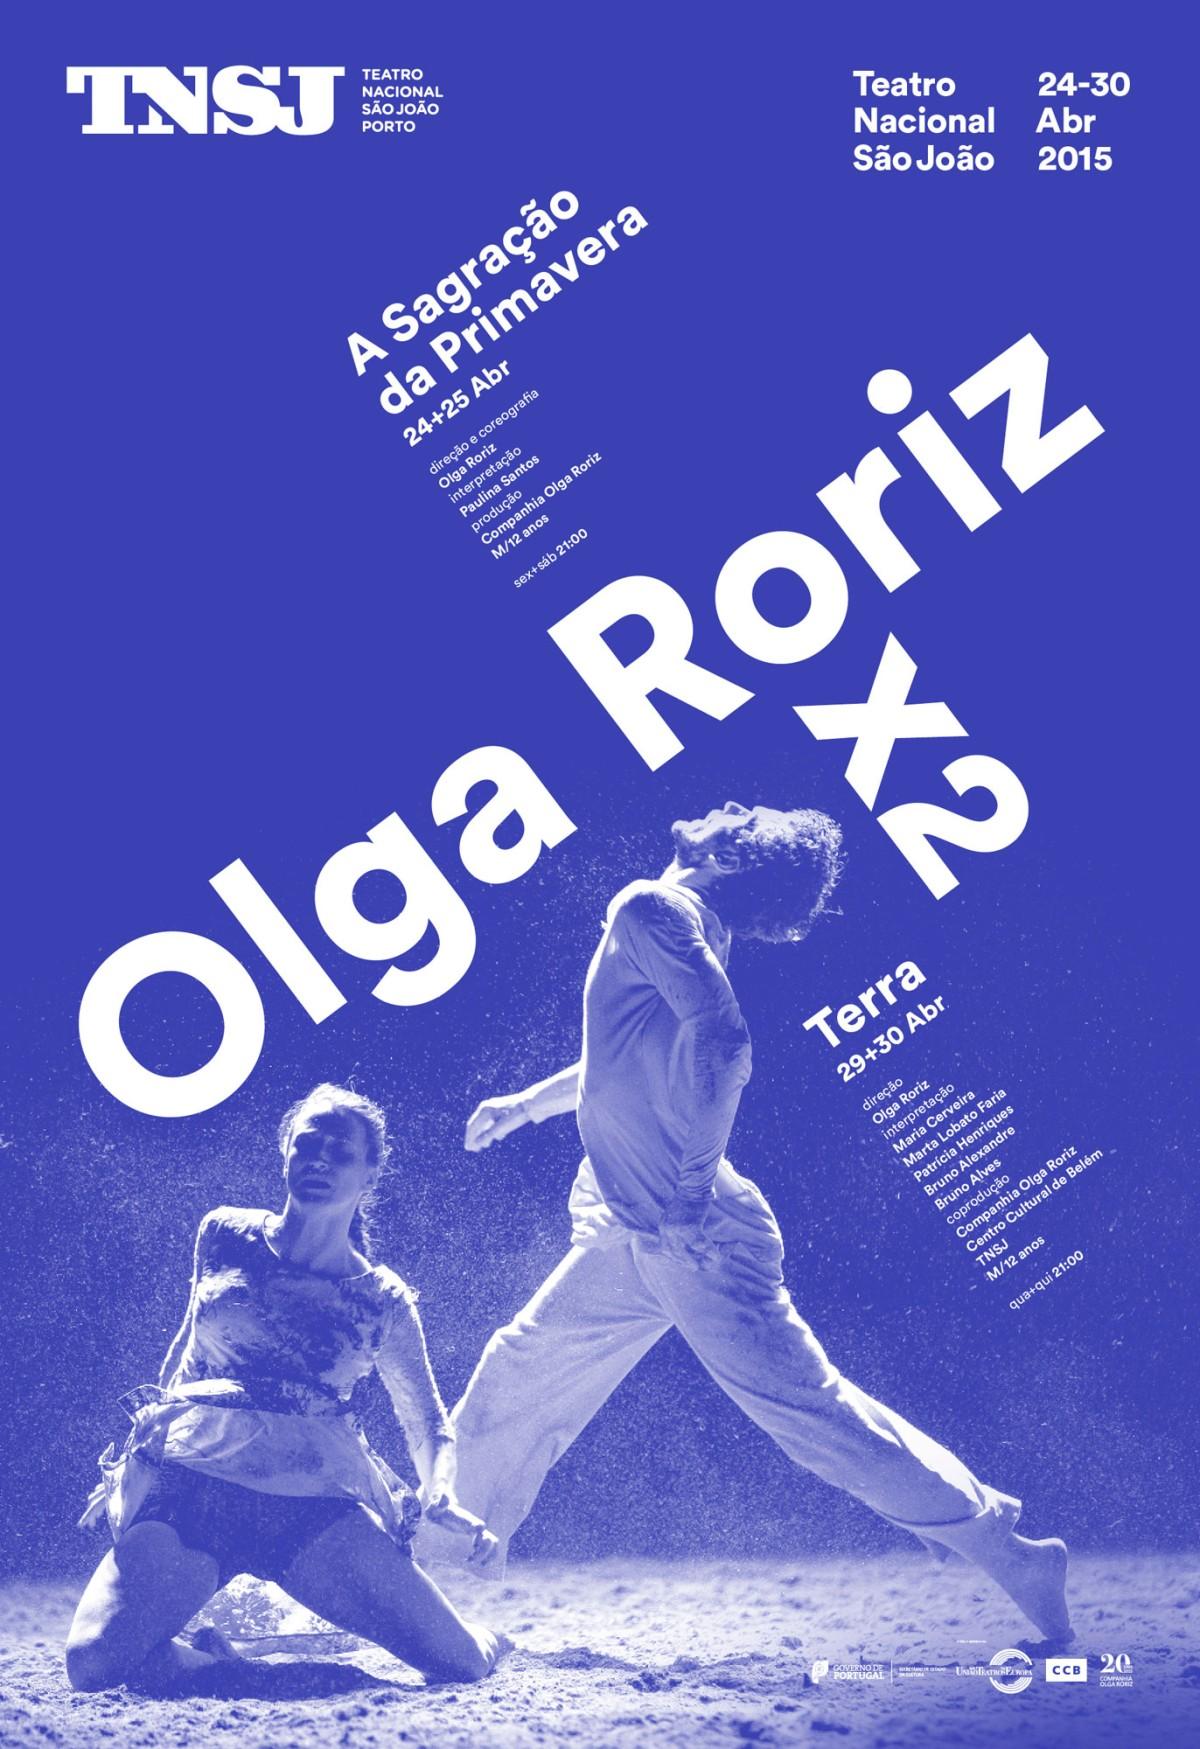 São João National Theatre Posters 2015-2016 Image:8.1